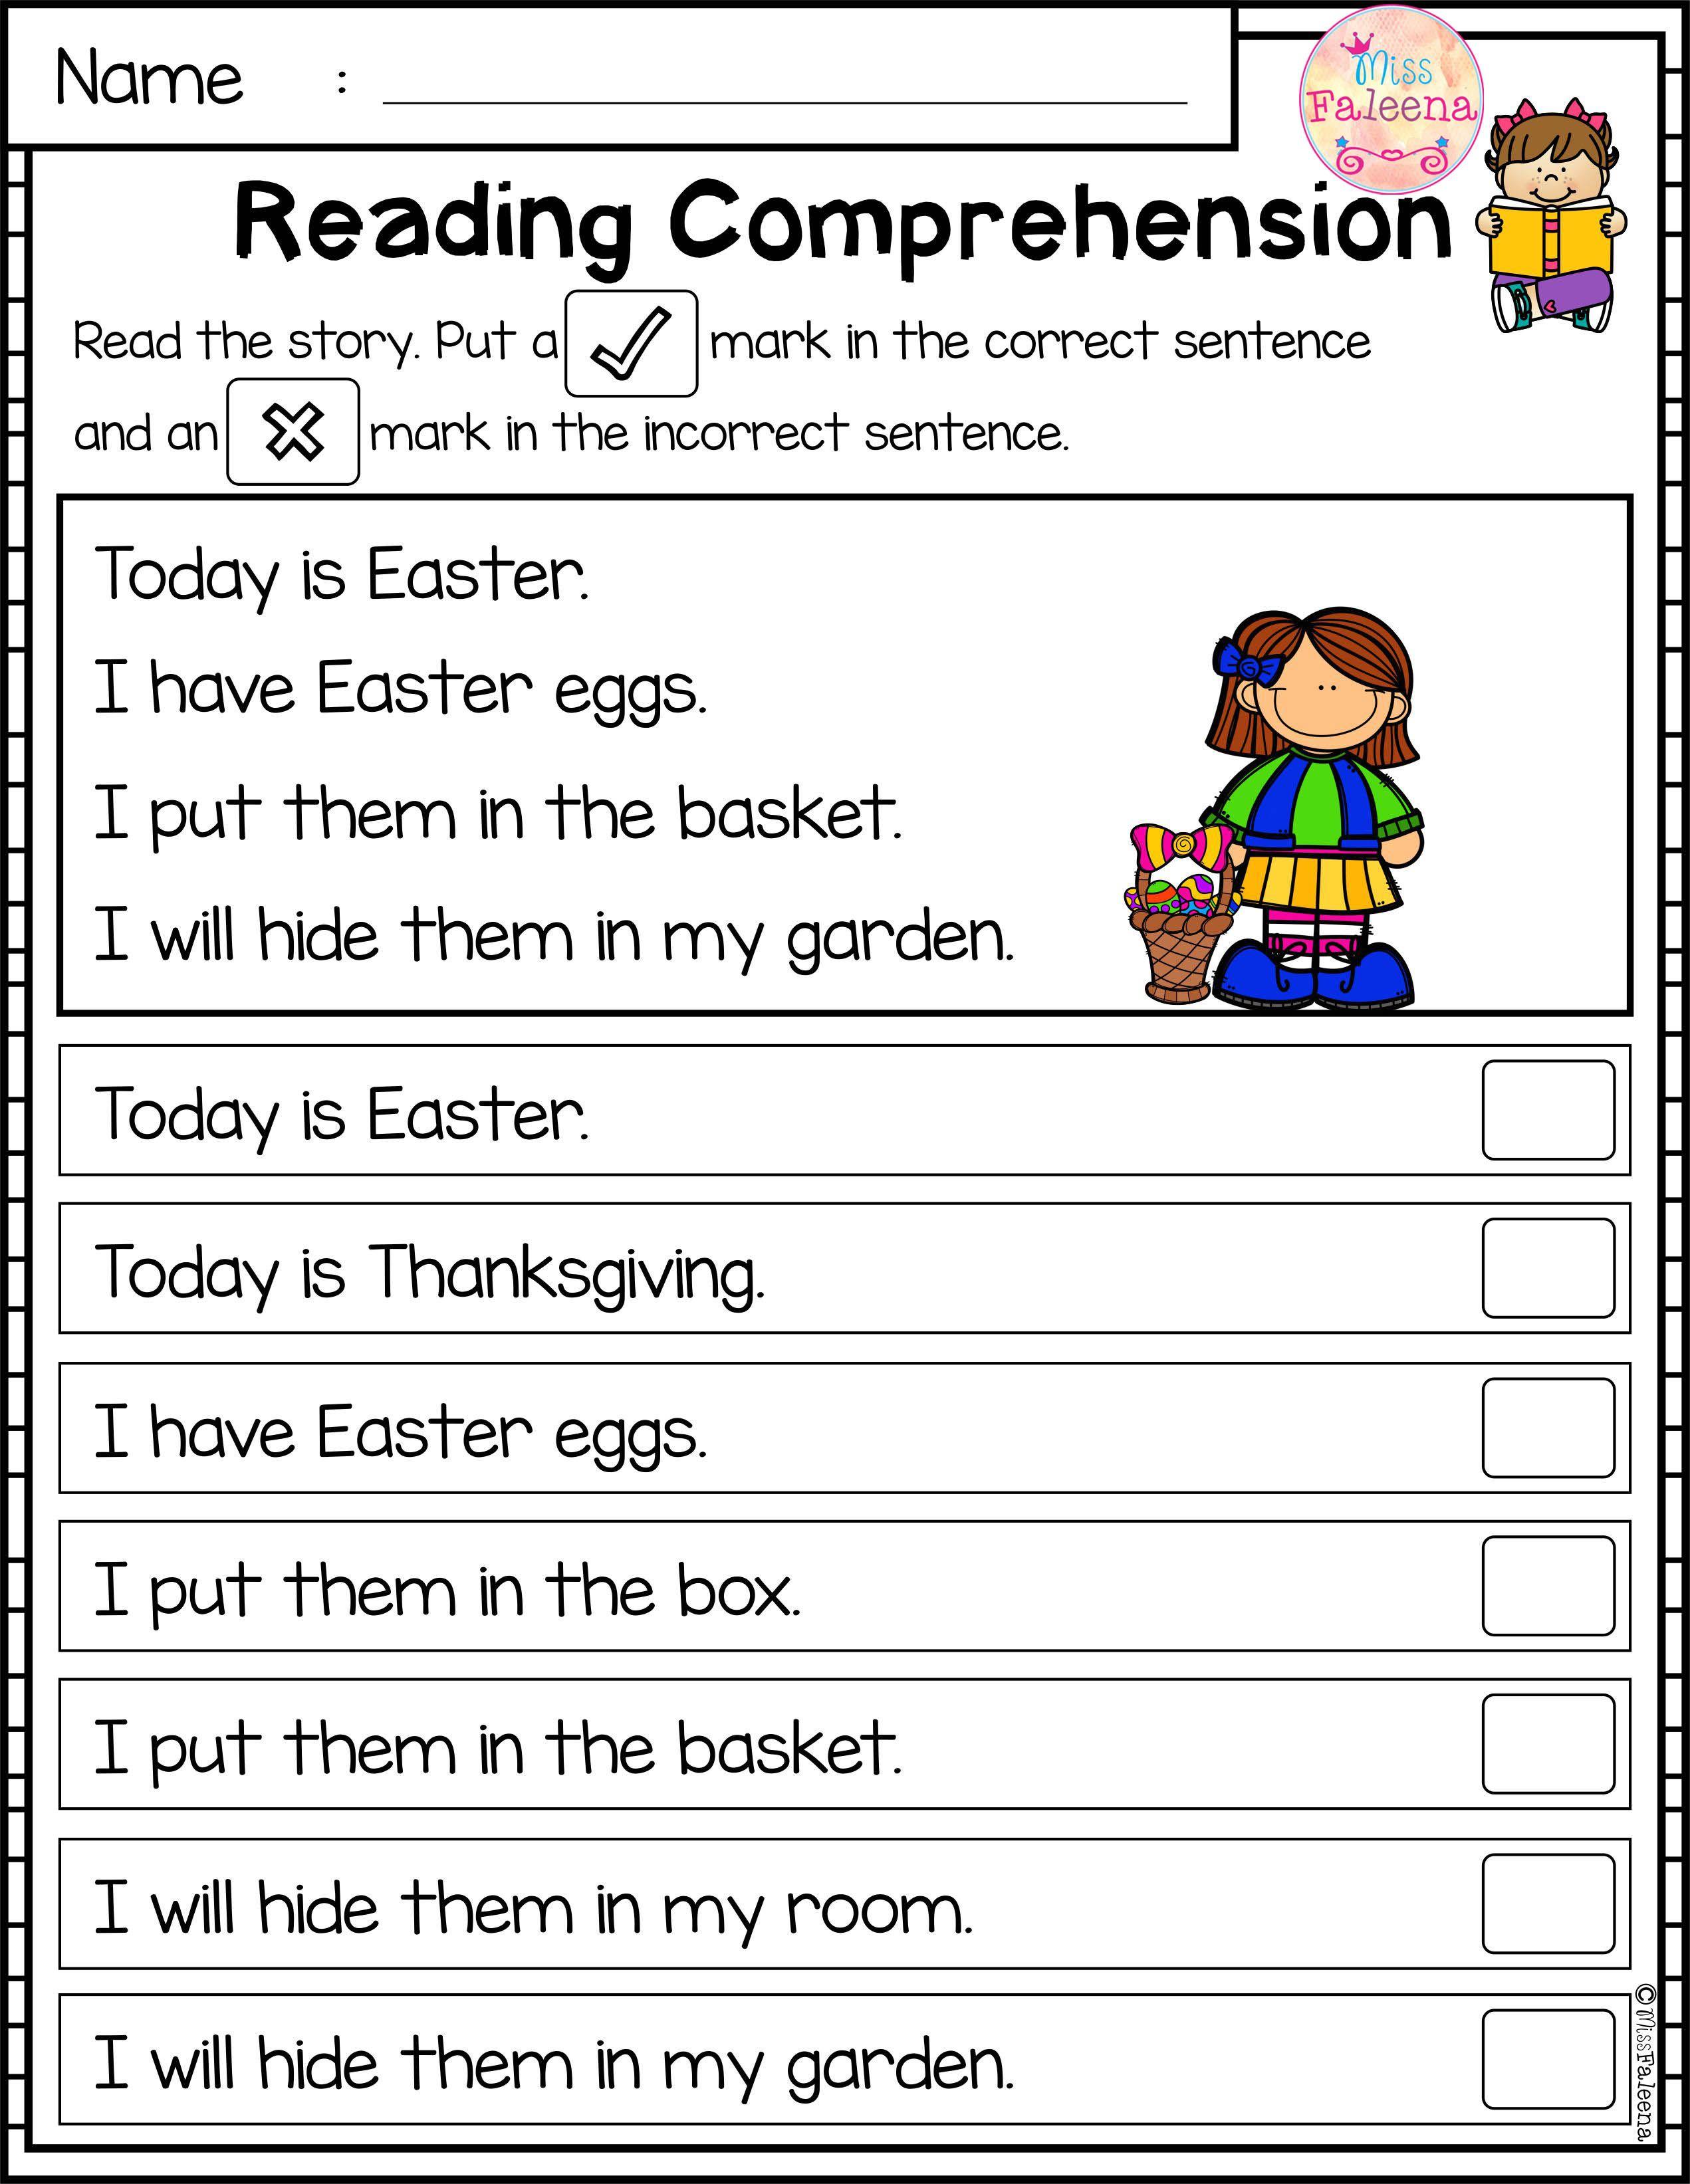 April Reading Comprehension Passages Reading Comprehension Passages Reading Comprehension Comprehension Passage [ 3286 x 2542 Pixel ]